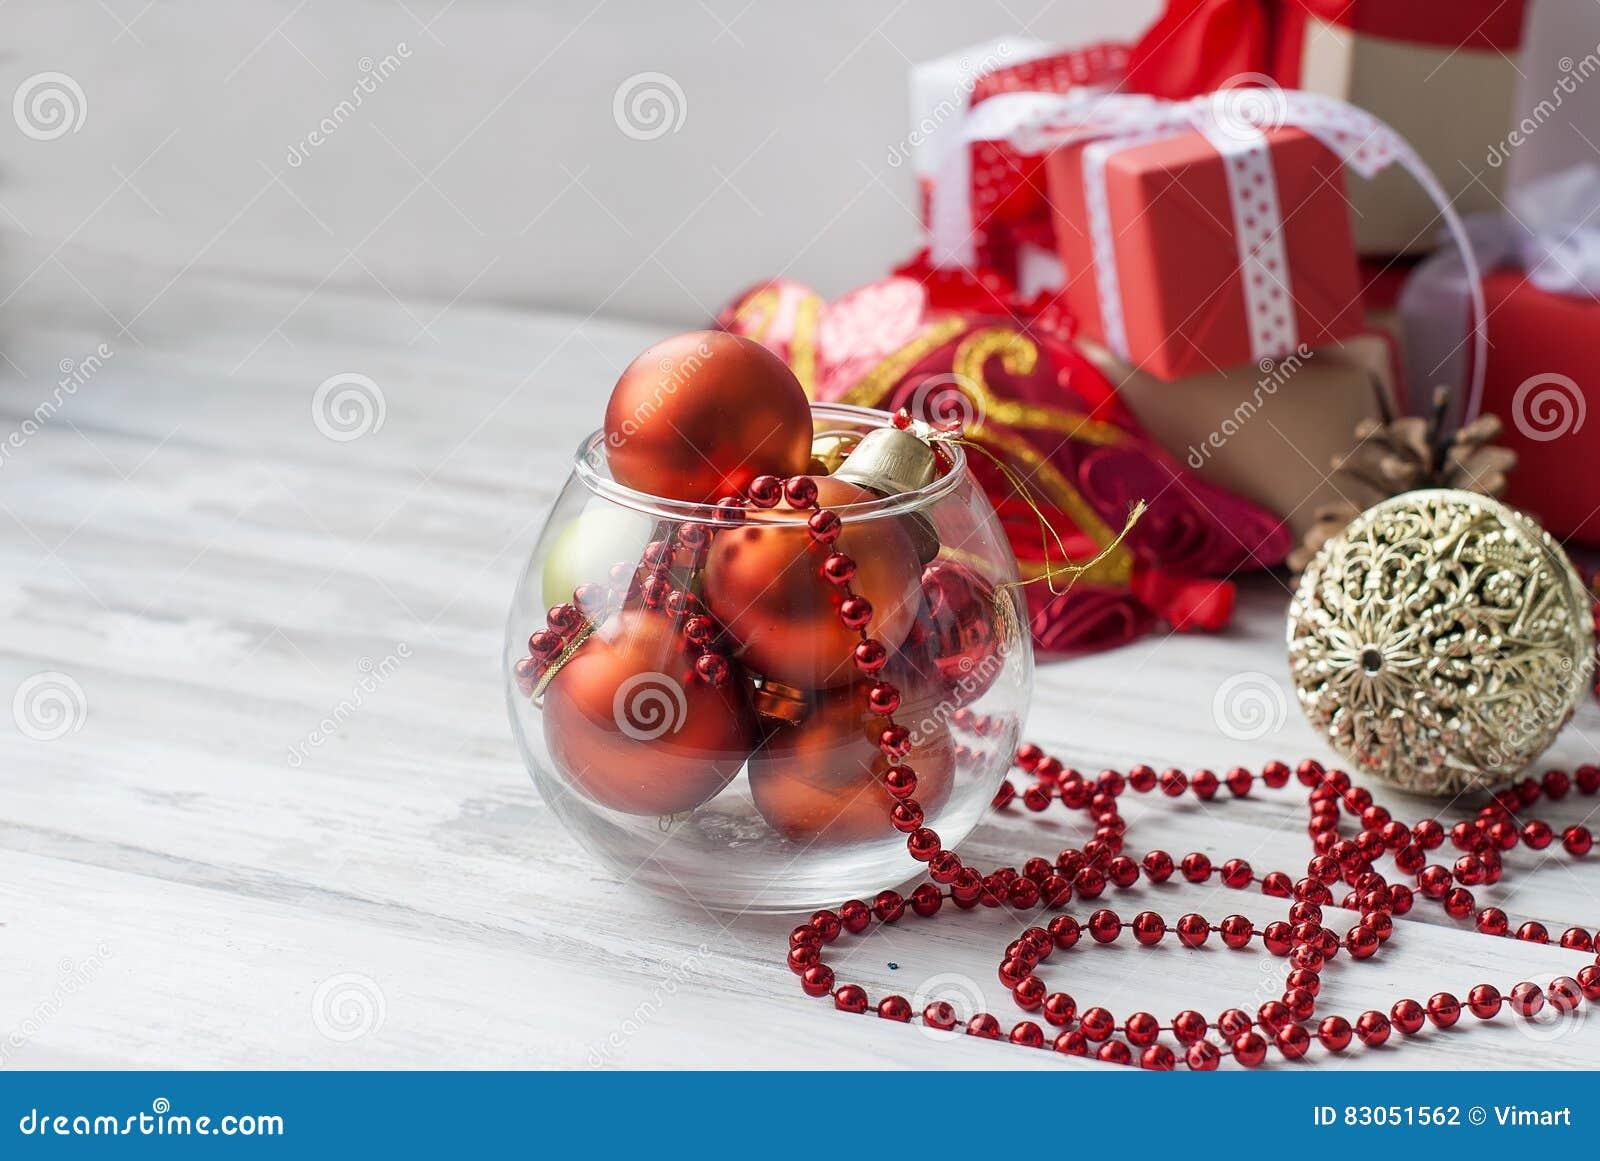 Bolas de la navidad gotas conos decoraciones de la navidad foto de archivo imagen 83051562 - Decoracion con bolas de navidad ...